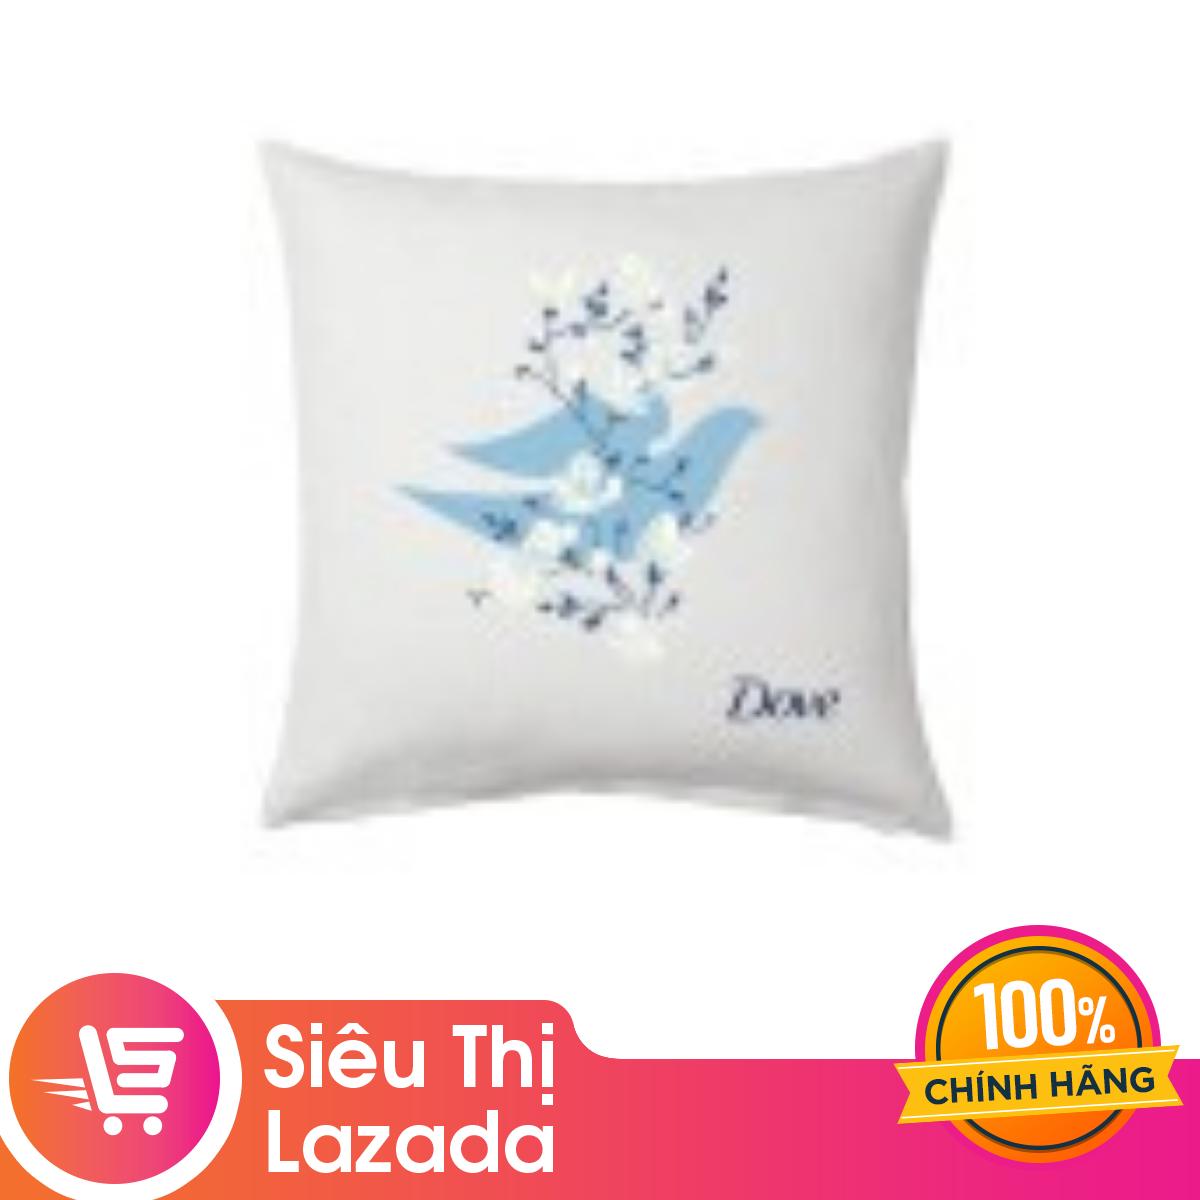 [Siêu thị Lazada] Gối tựa lưng Dove-Màu giao ngẫu nhiên – chất liệu vải bố chốn bám bụi ruột gối bằng bông mềm mại